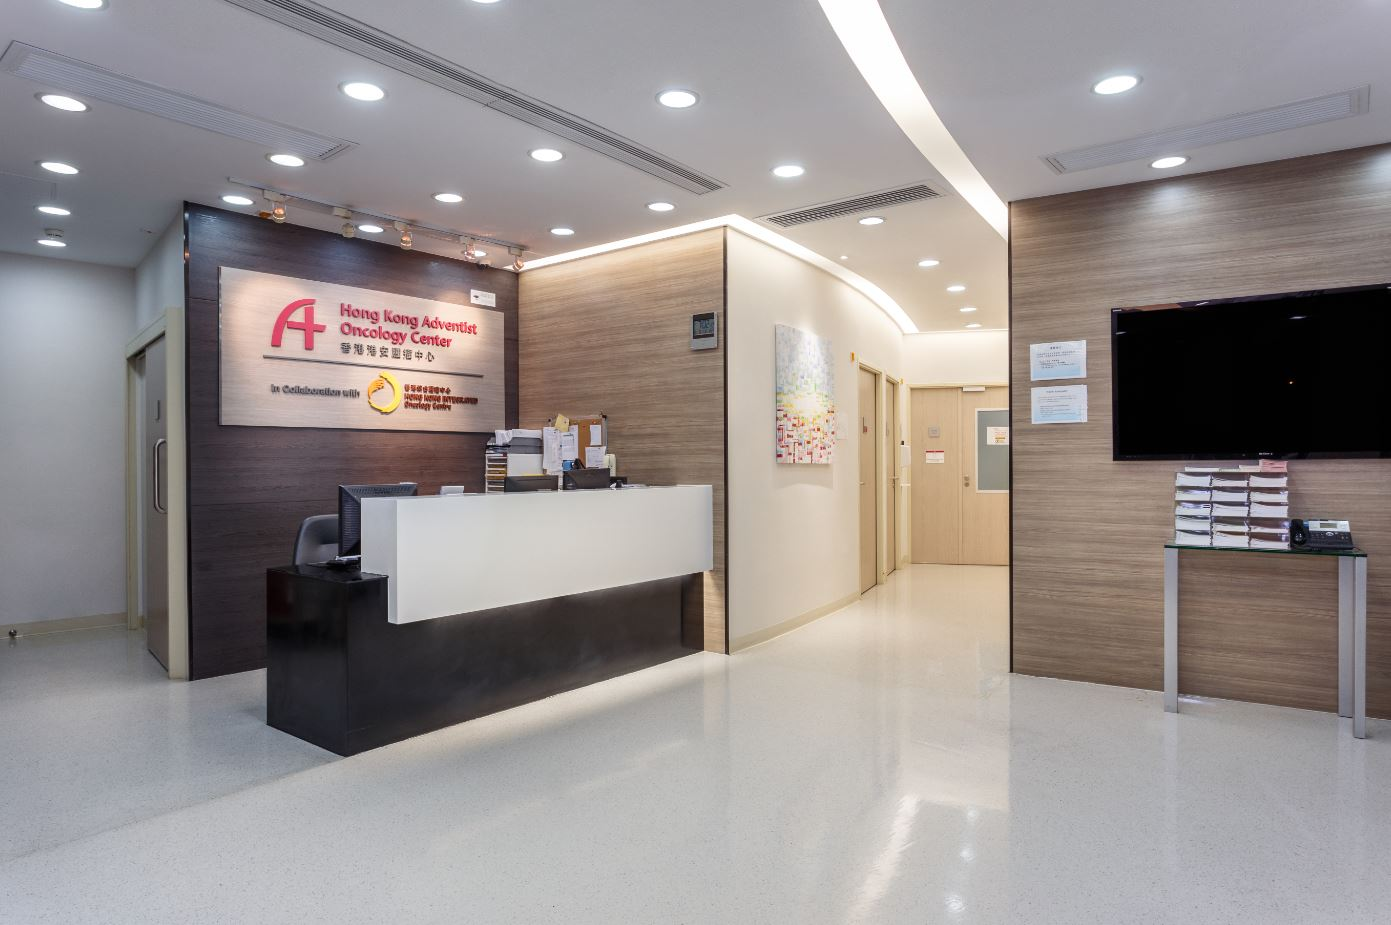 香港港安醫院腫瘤中心成立於2013年,服務範圍涵蓋診斷至定制化的治療和康復方案,致力照顧每一位癌症患者的需要。